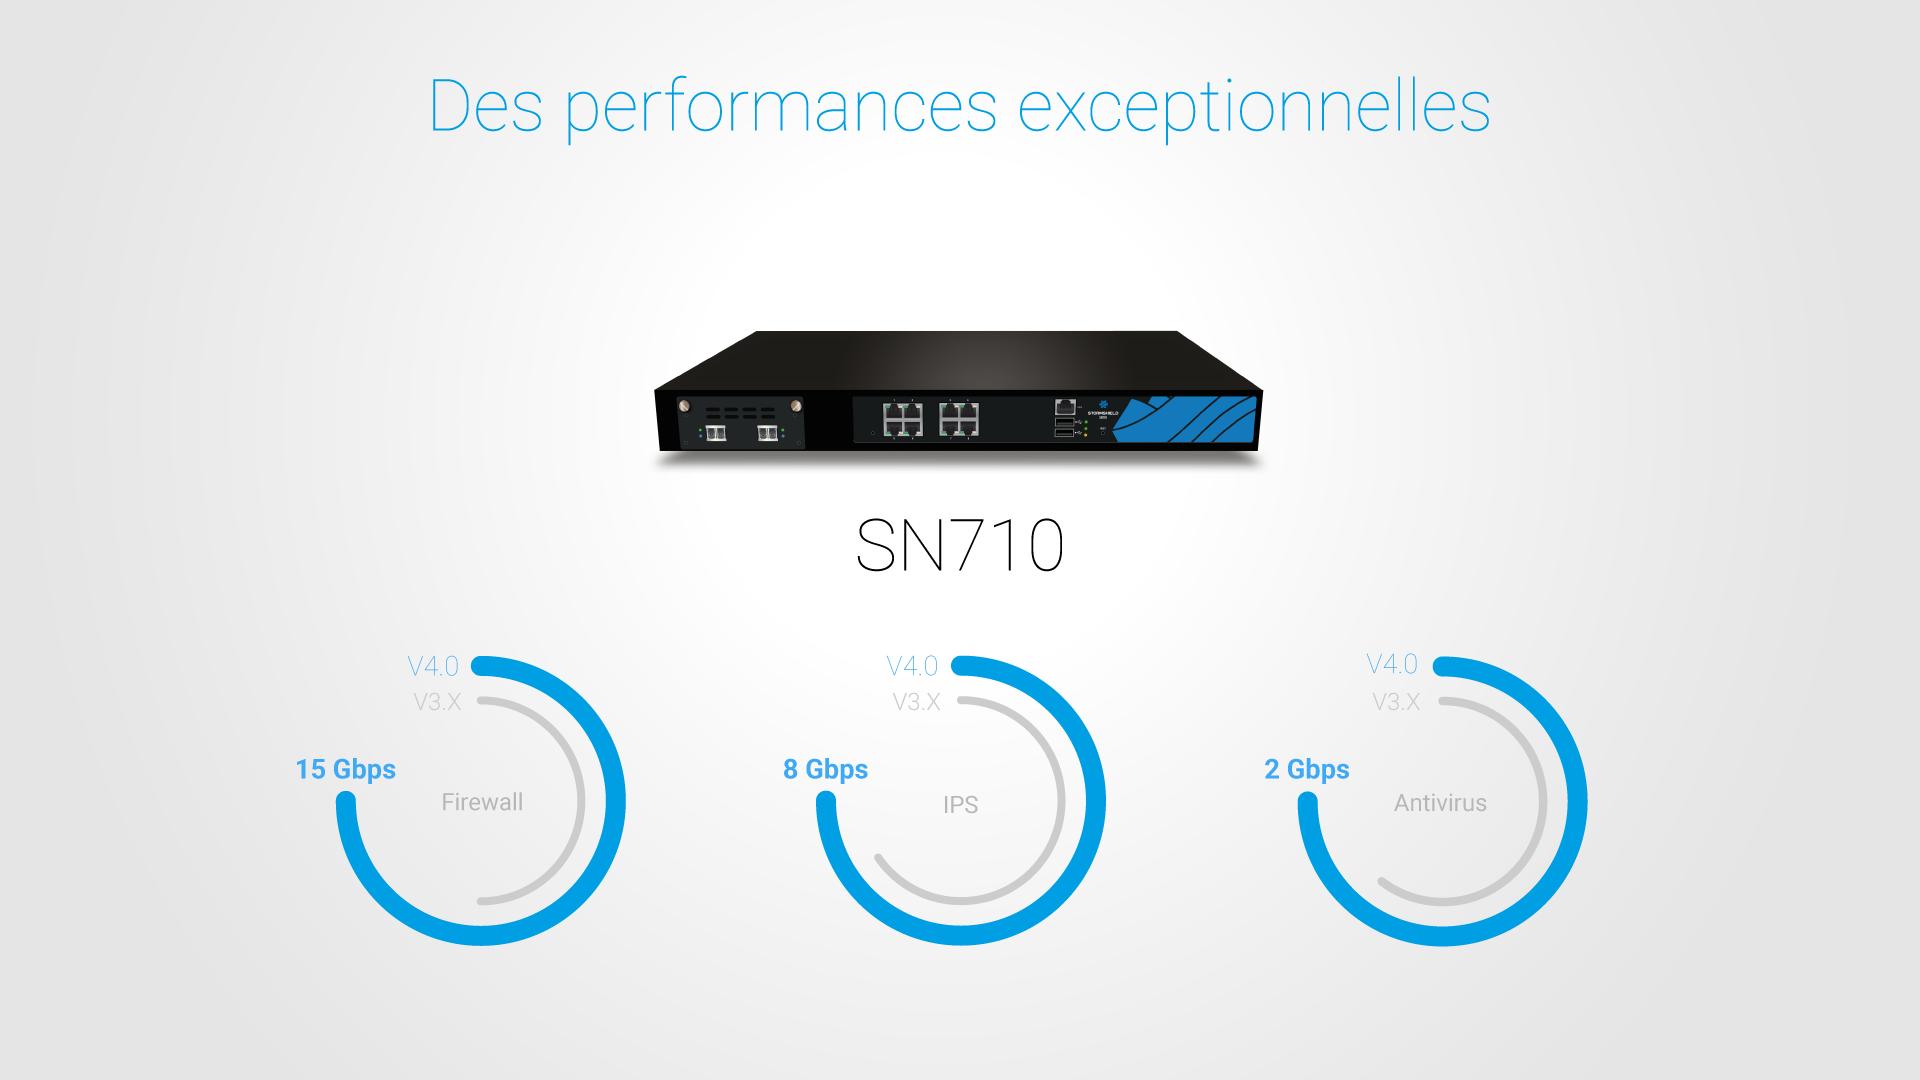 SNS V4.0 : des performances exceptionnelles Firewall, IPS et Antivirus pour le SN710